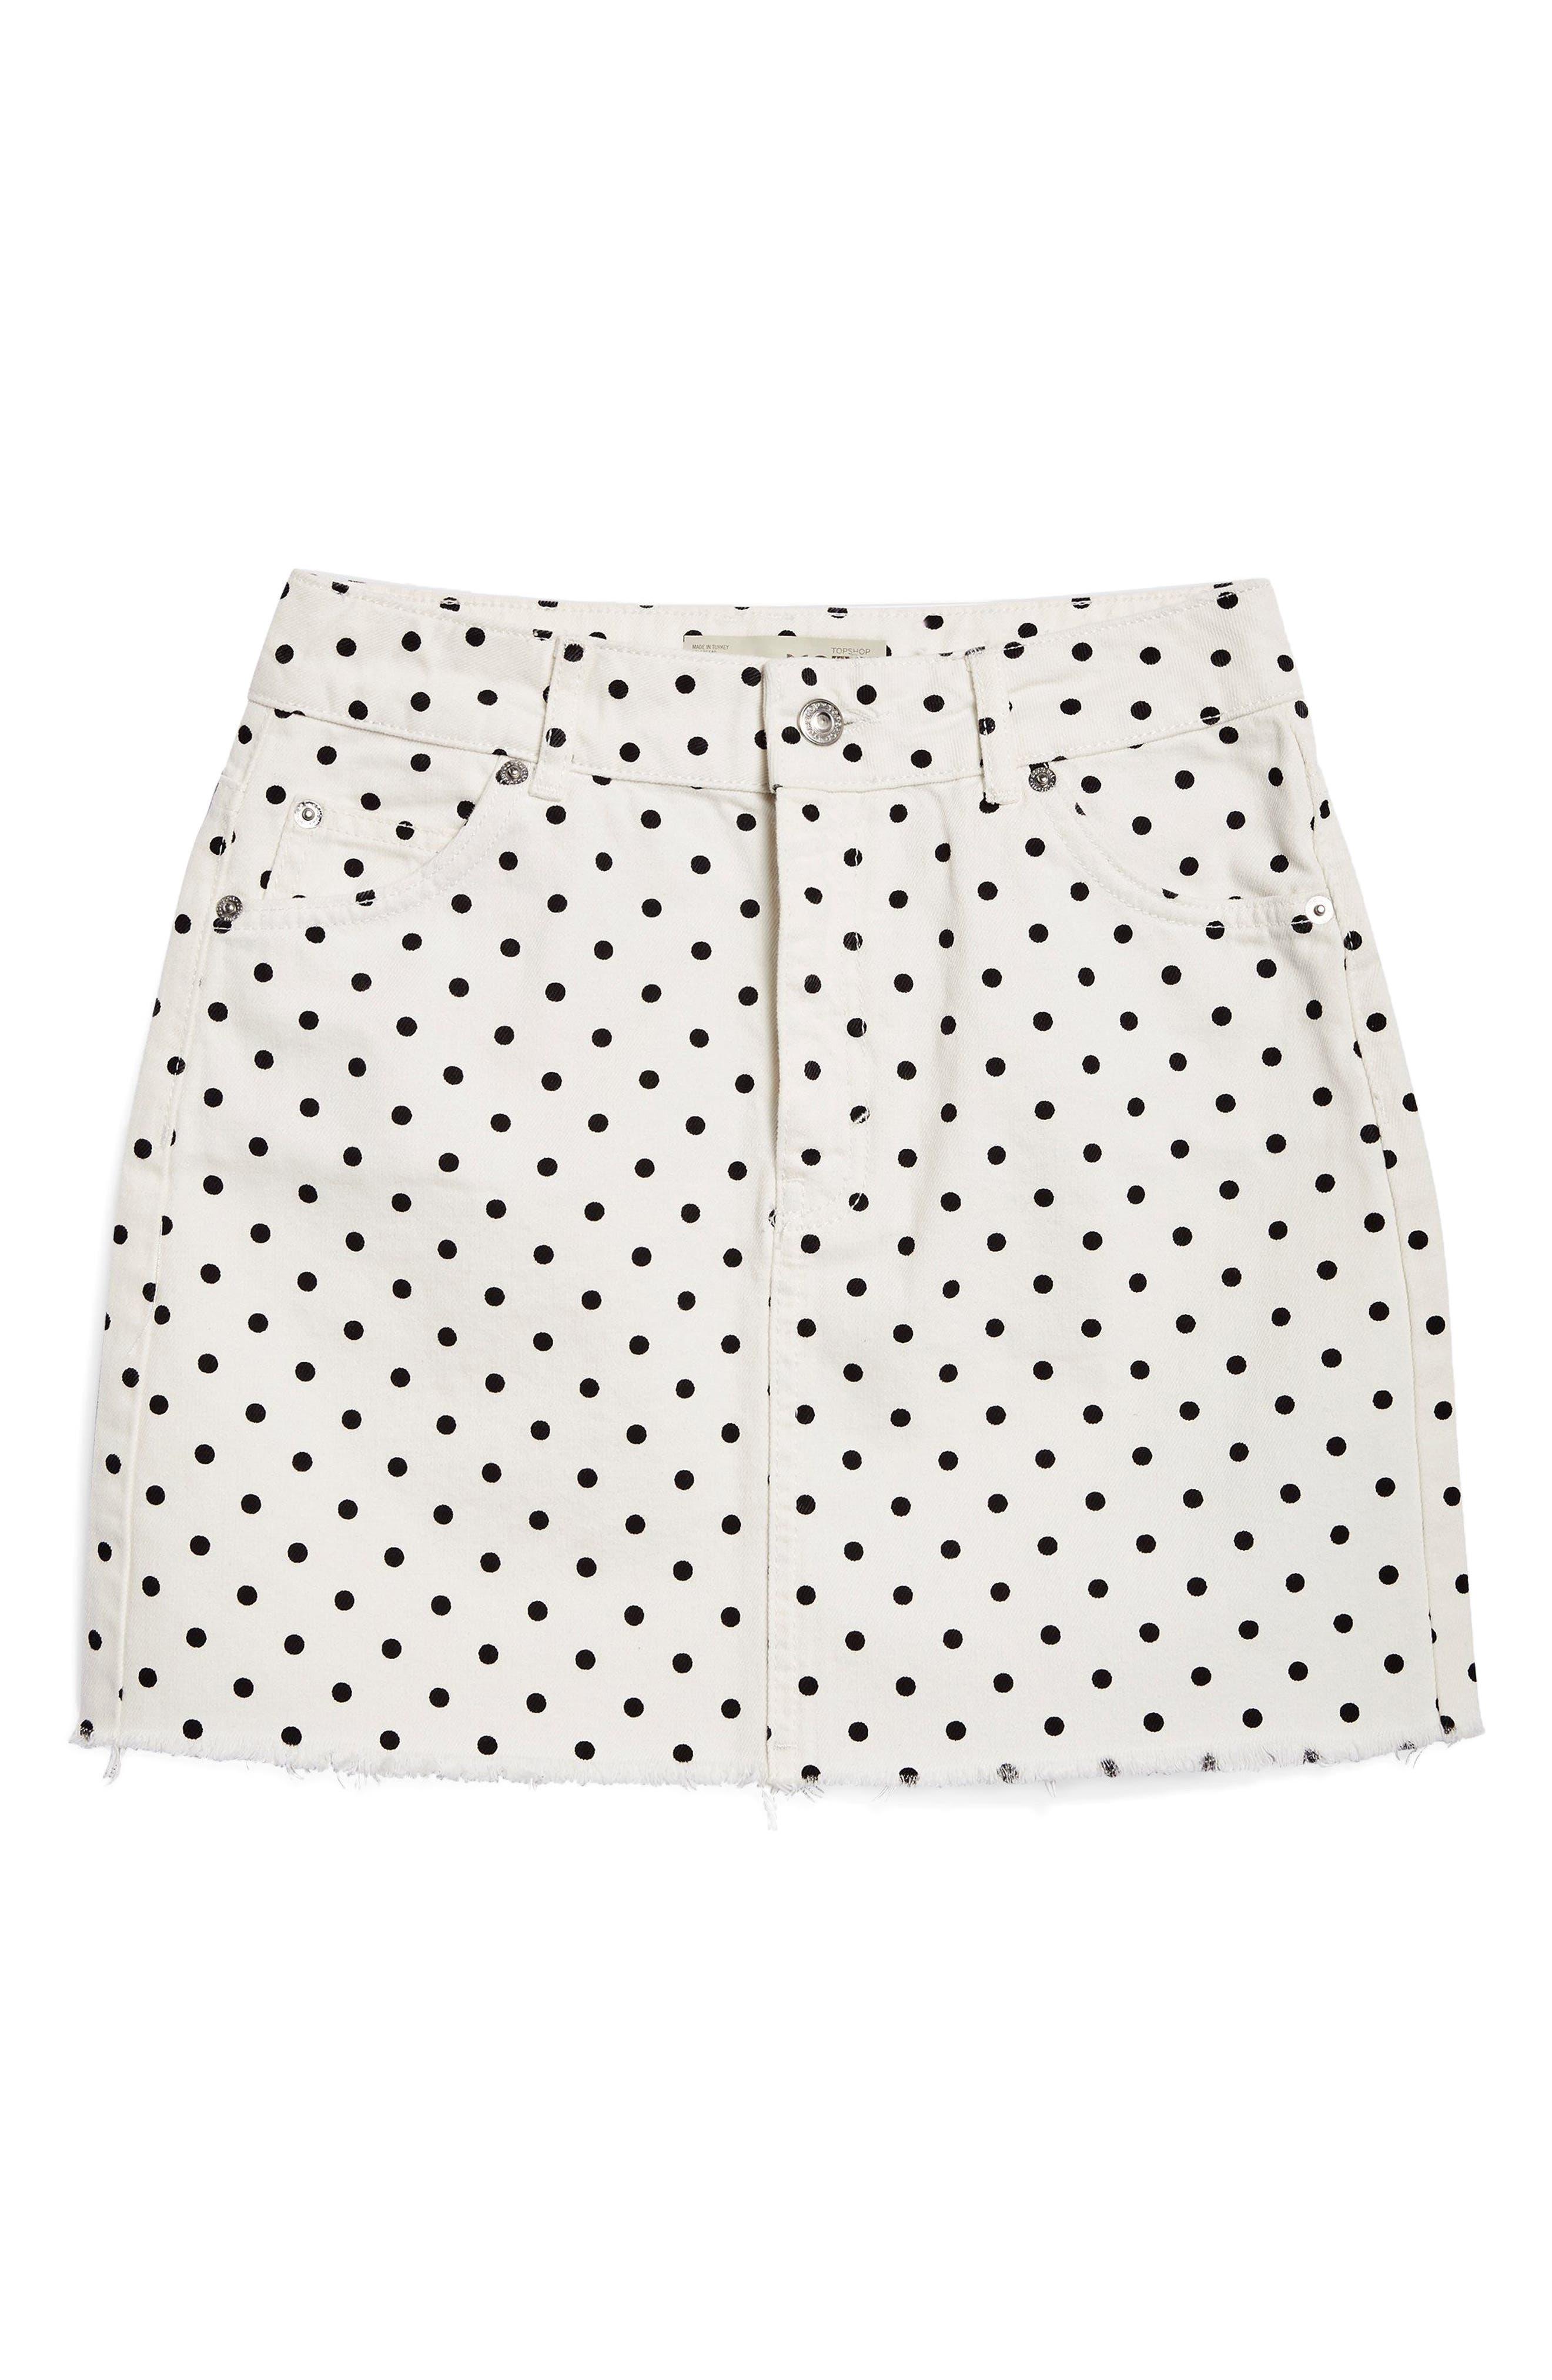 MOTO High Waist Denim Skirt,                             Alternate thumbnail 3, color,                             100